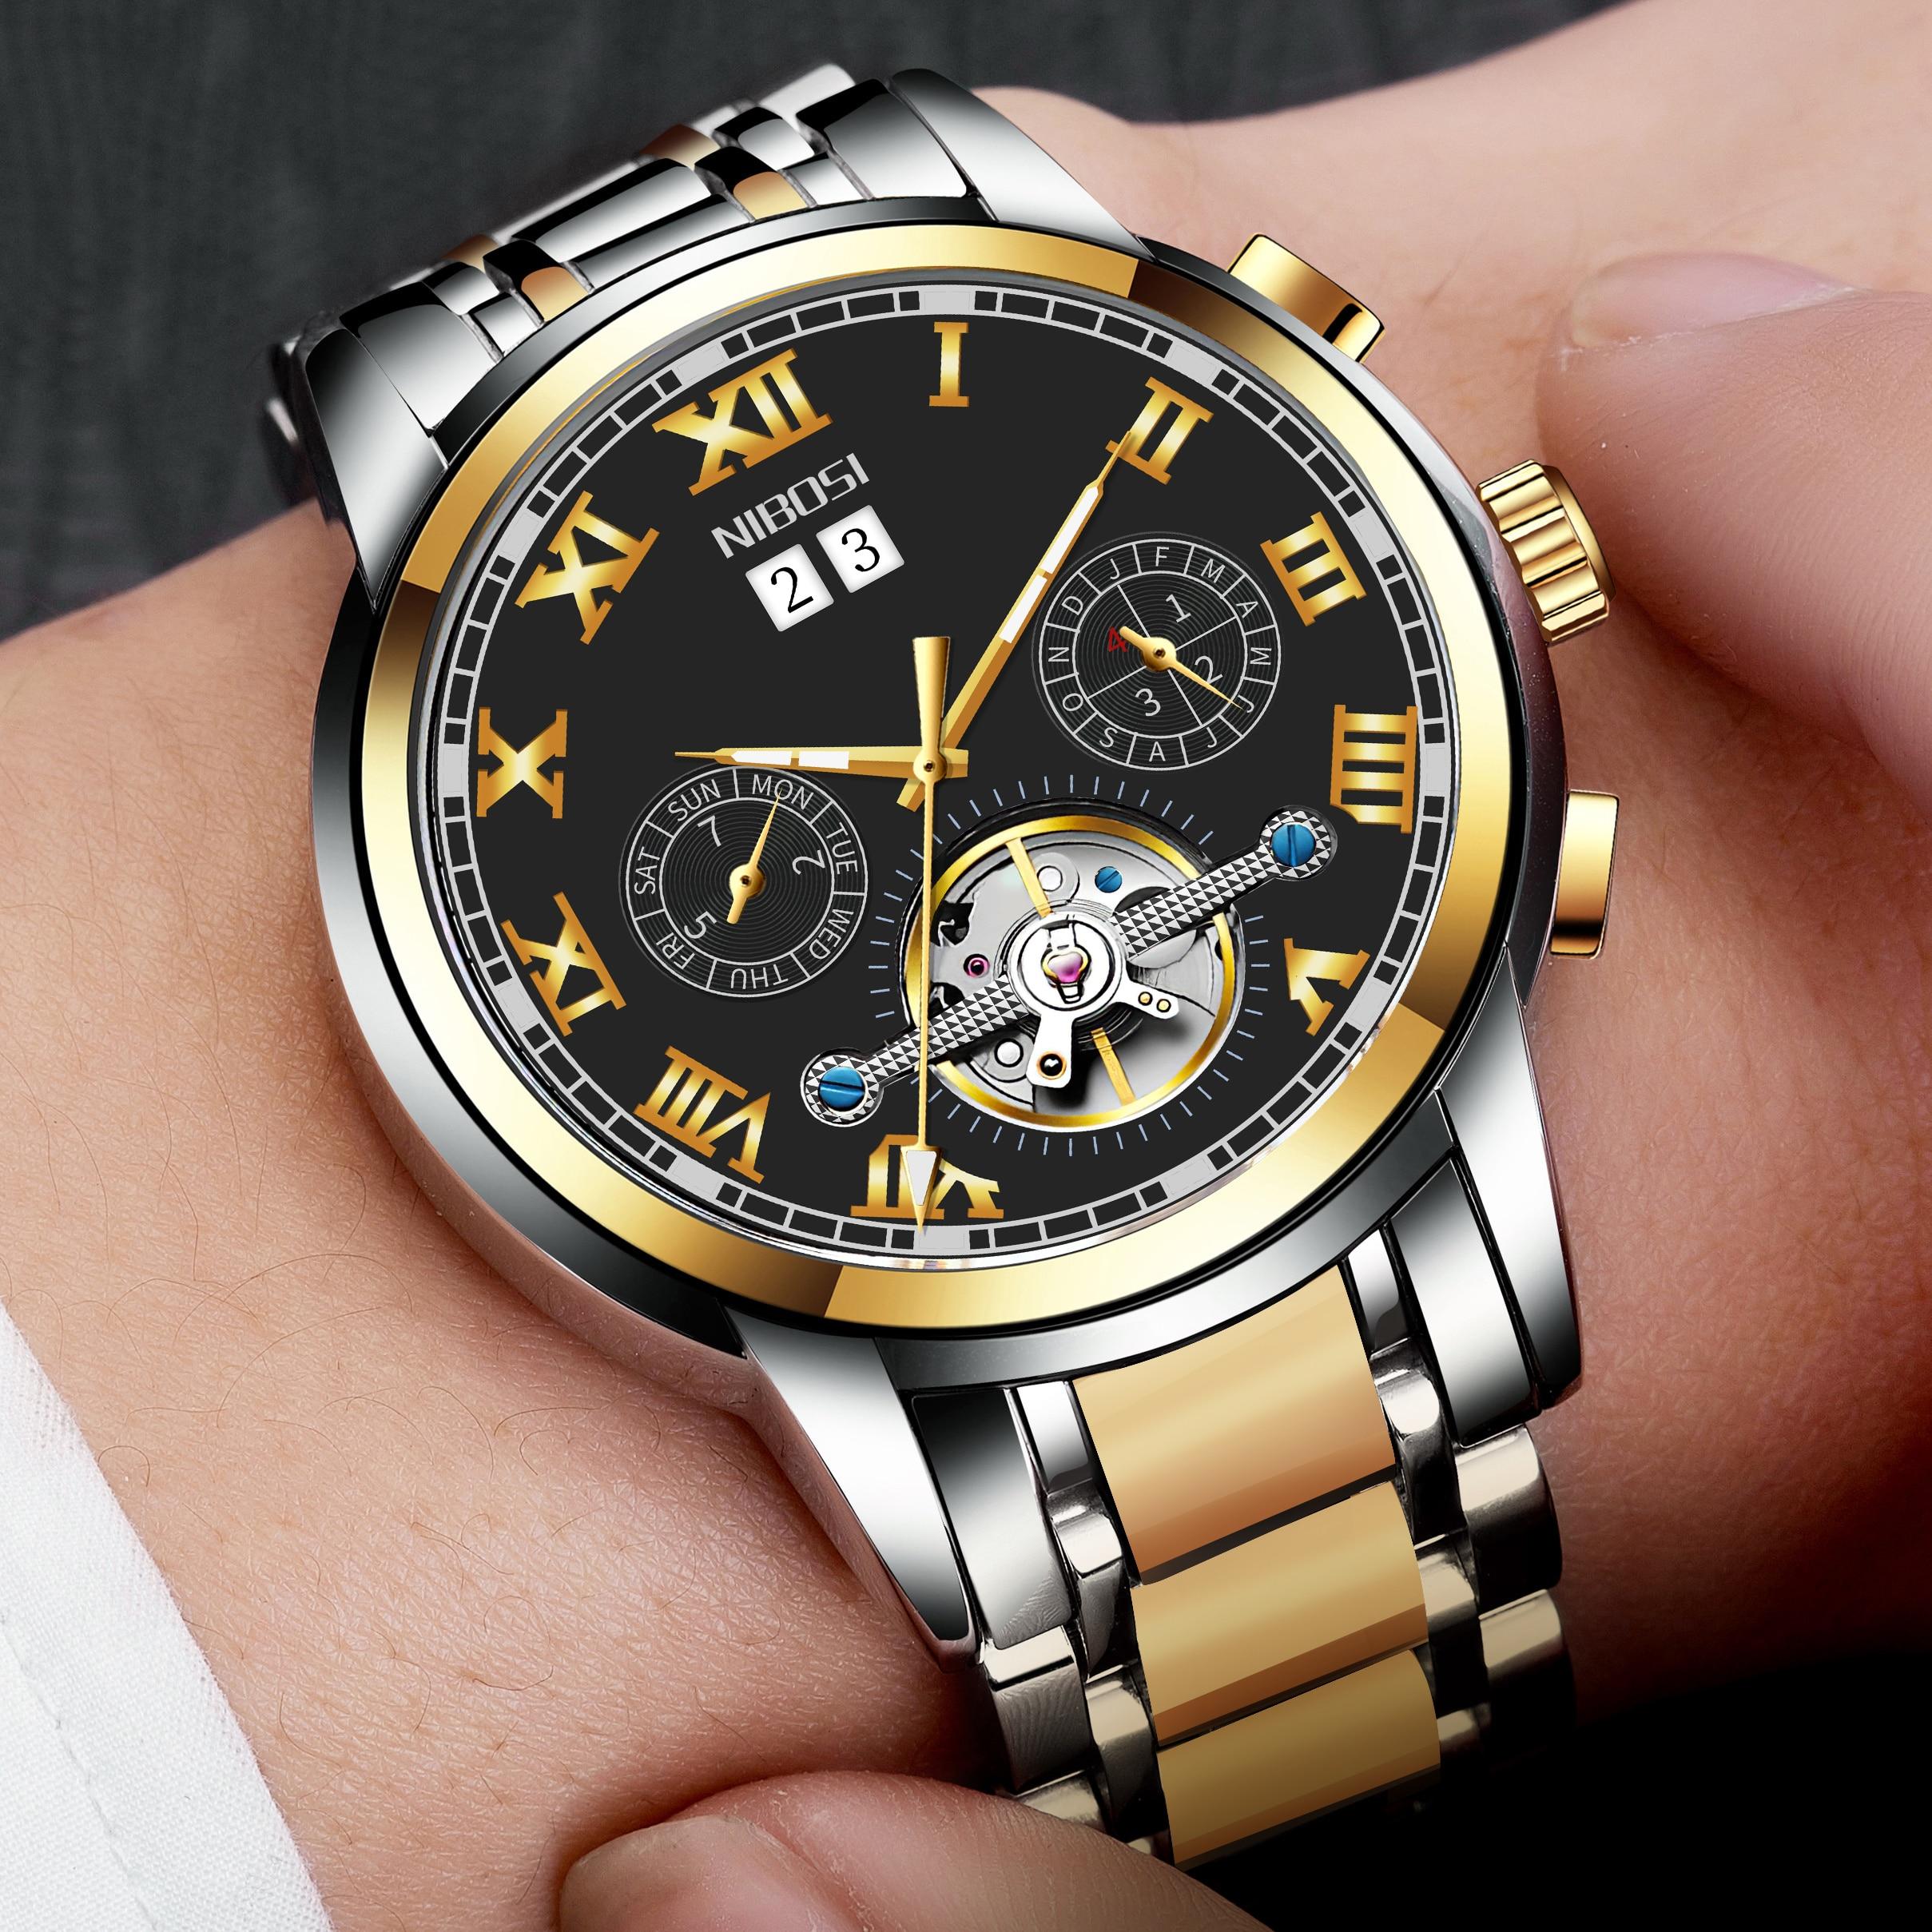 نيبوسي-ساعة ميكانيكية ، فاخرة للرجال, أفضل ساعات فاخرة ، أوتوماتيكية ، فاخرة ، ساعة يد رياضية للرجال ، ساعة توربيون للرجال